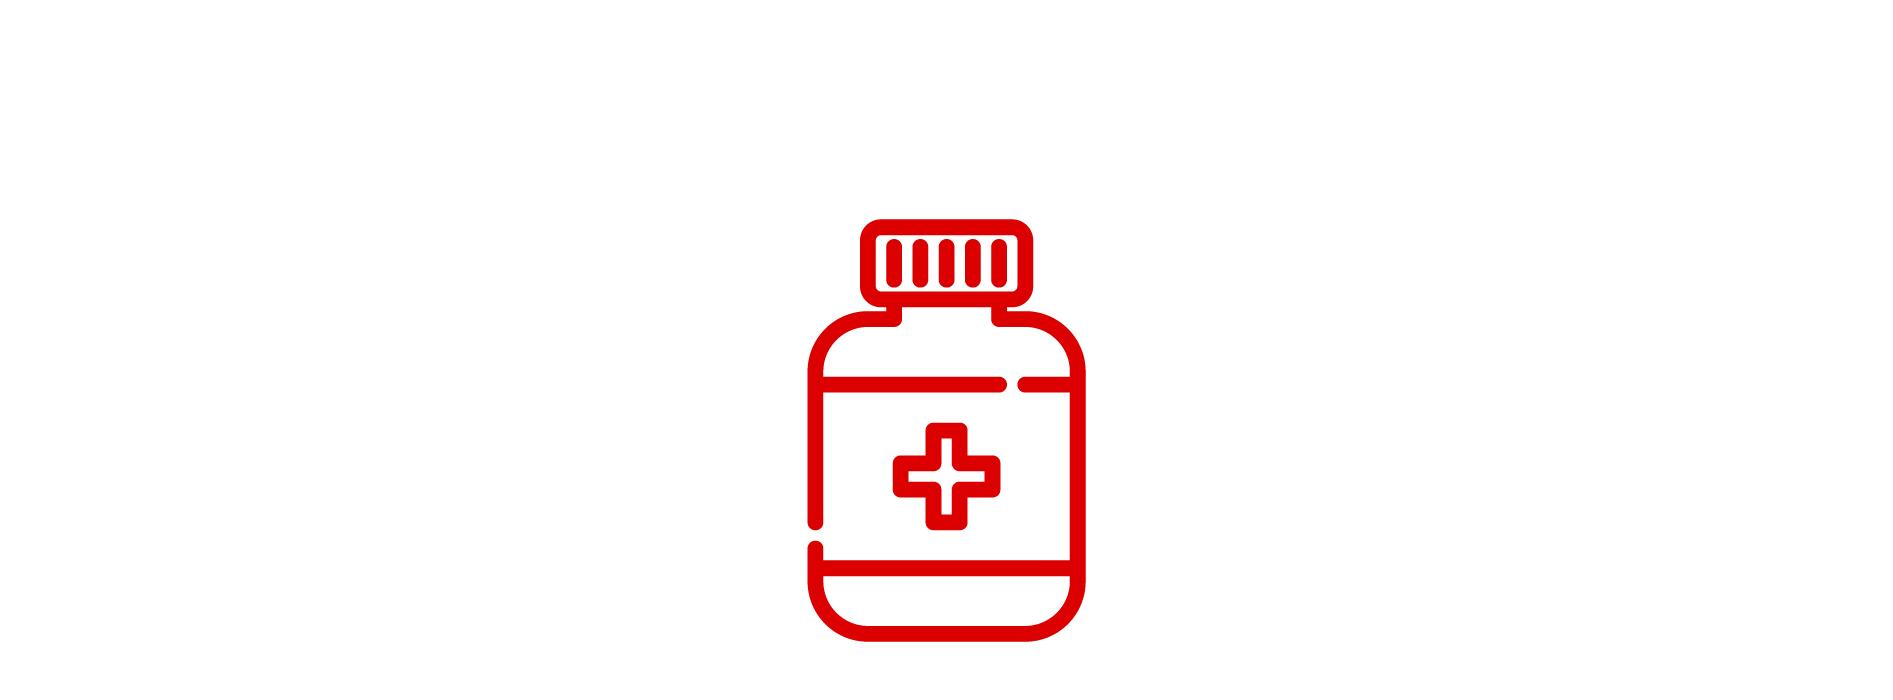 $13.4 Million - prescription medications